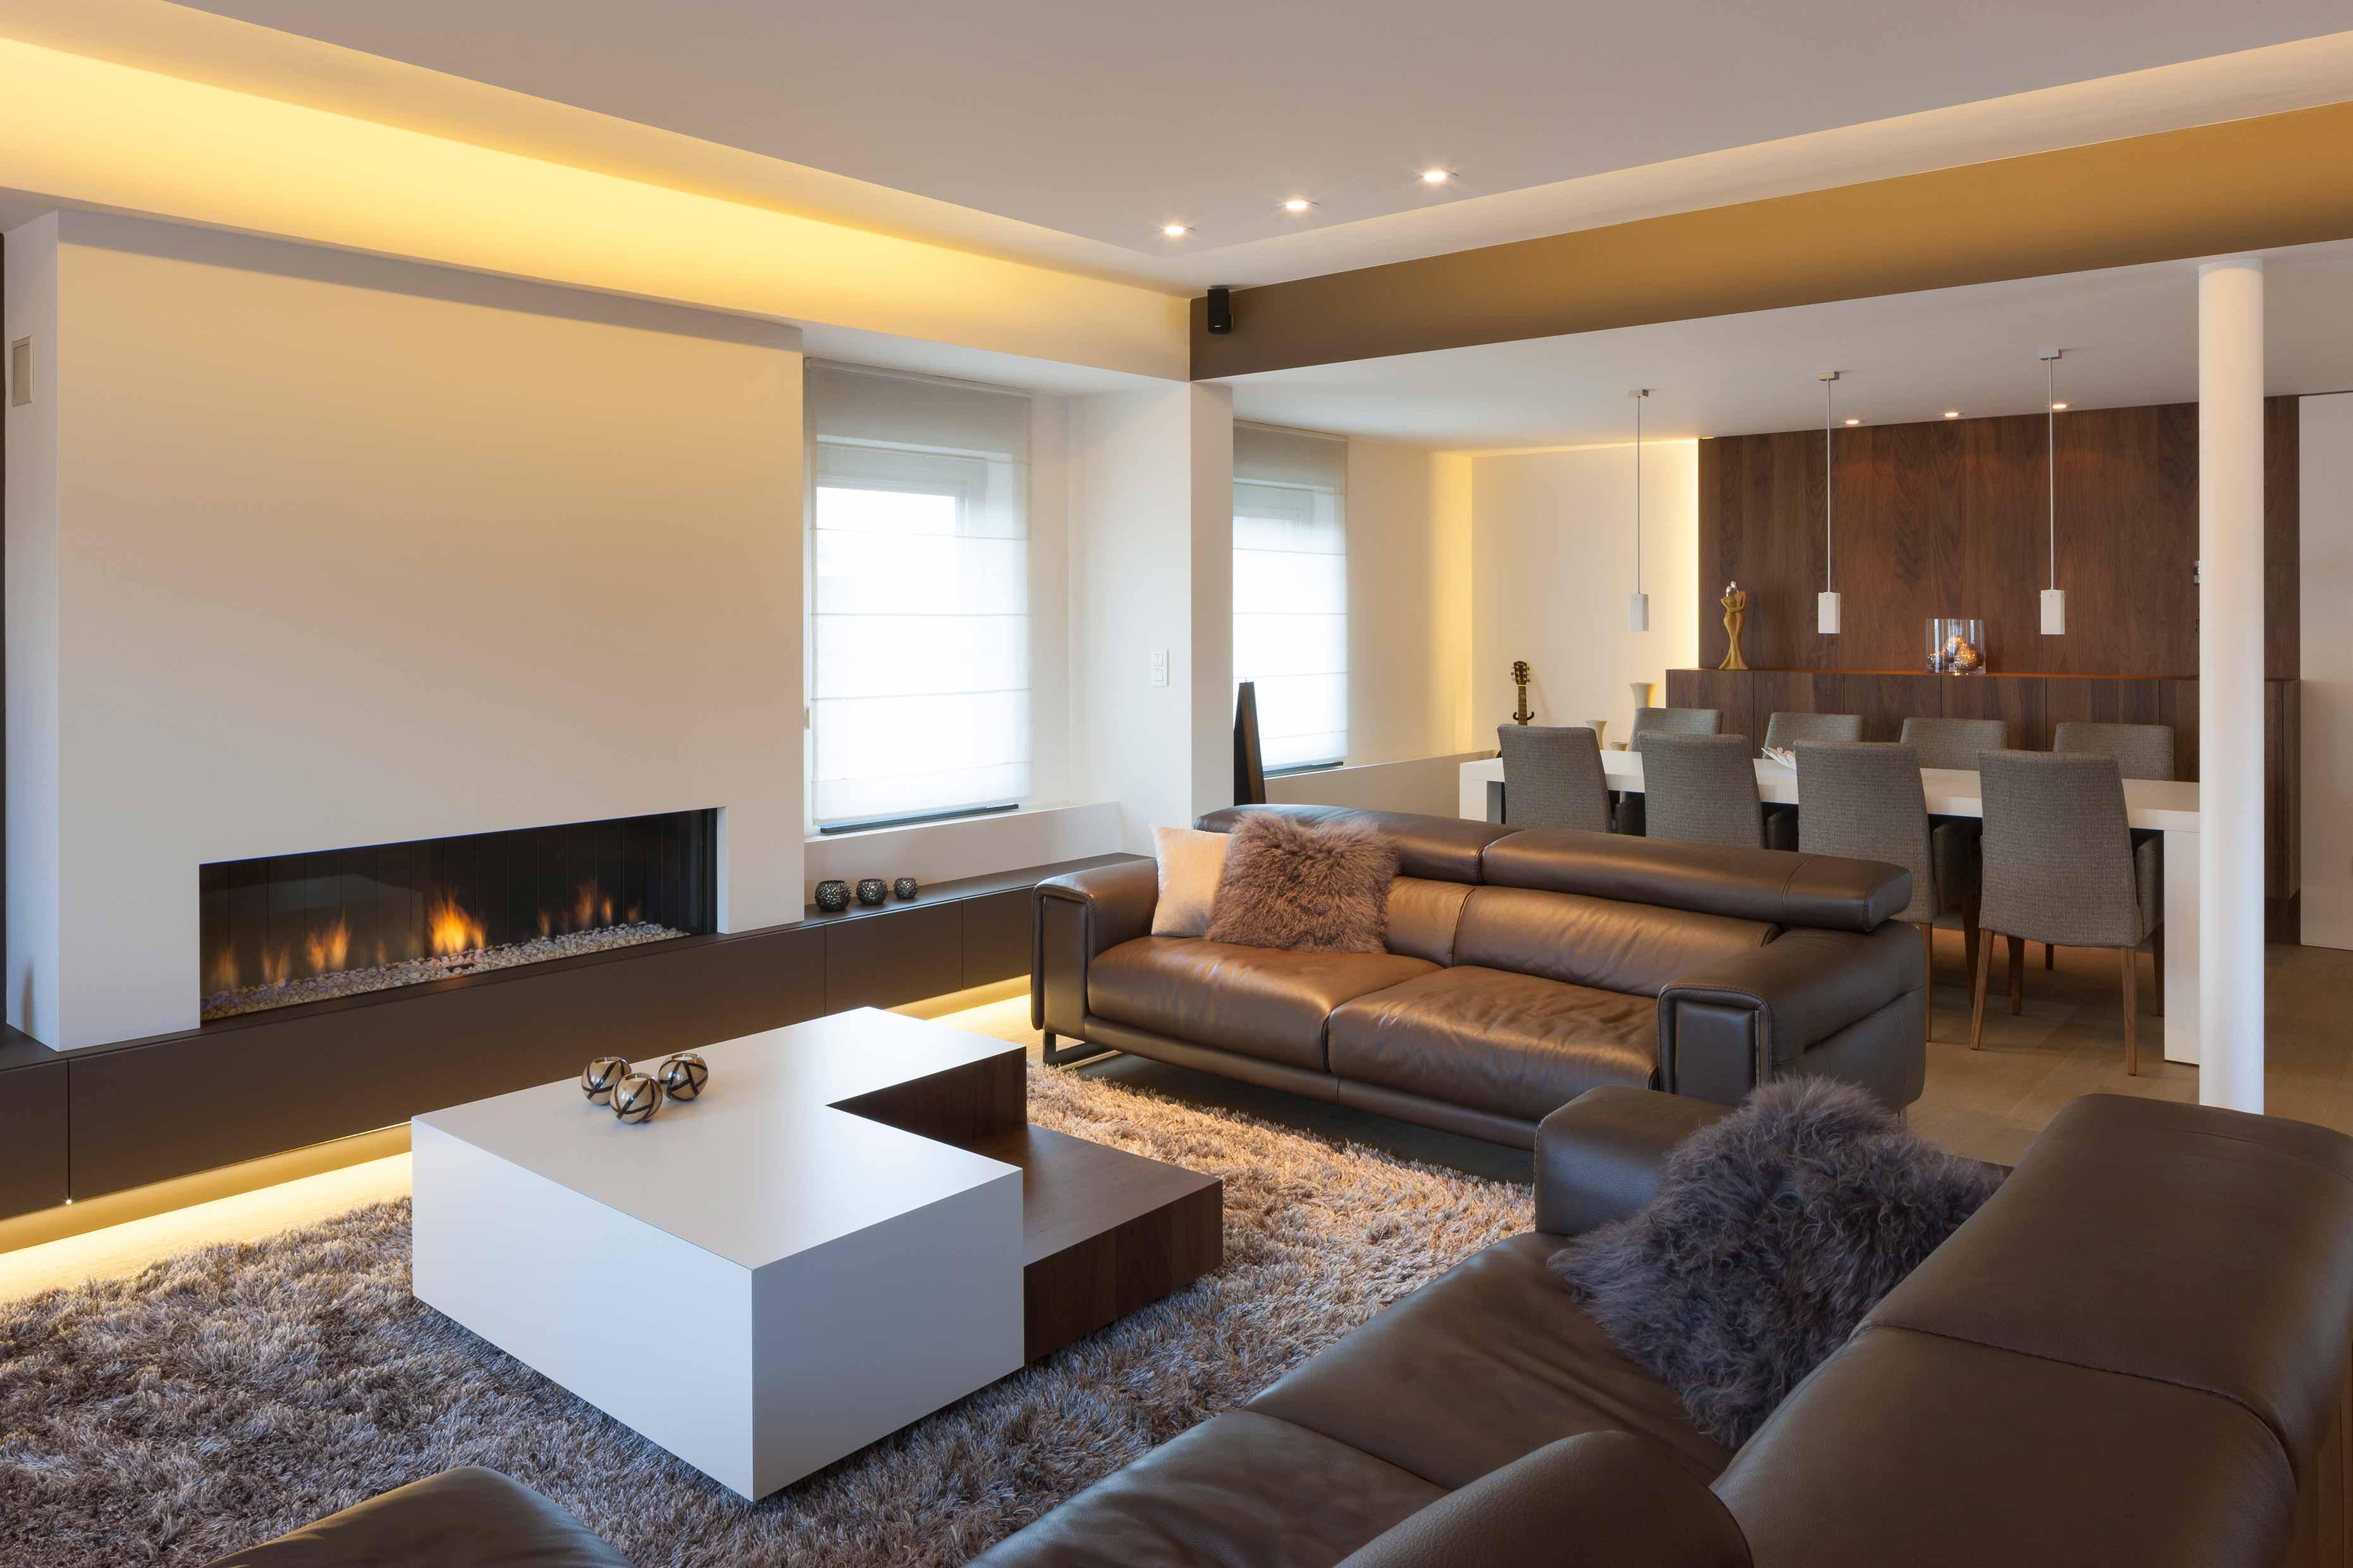 Uw interieur is onze specialiteit | Kempische Interieurbouw